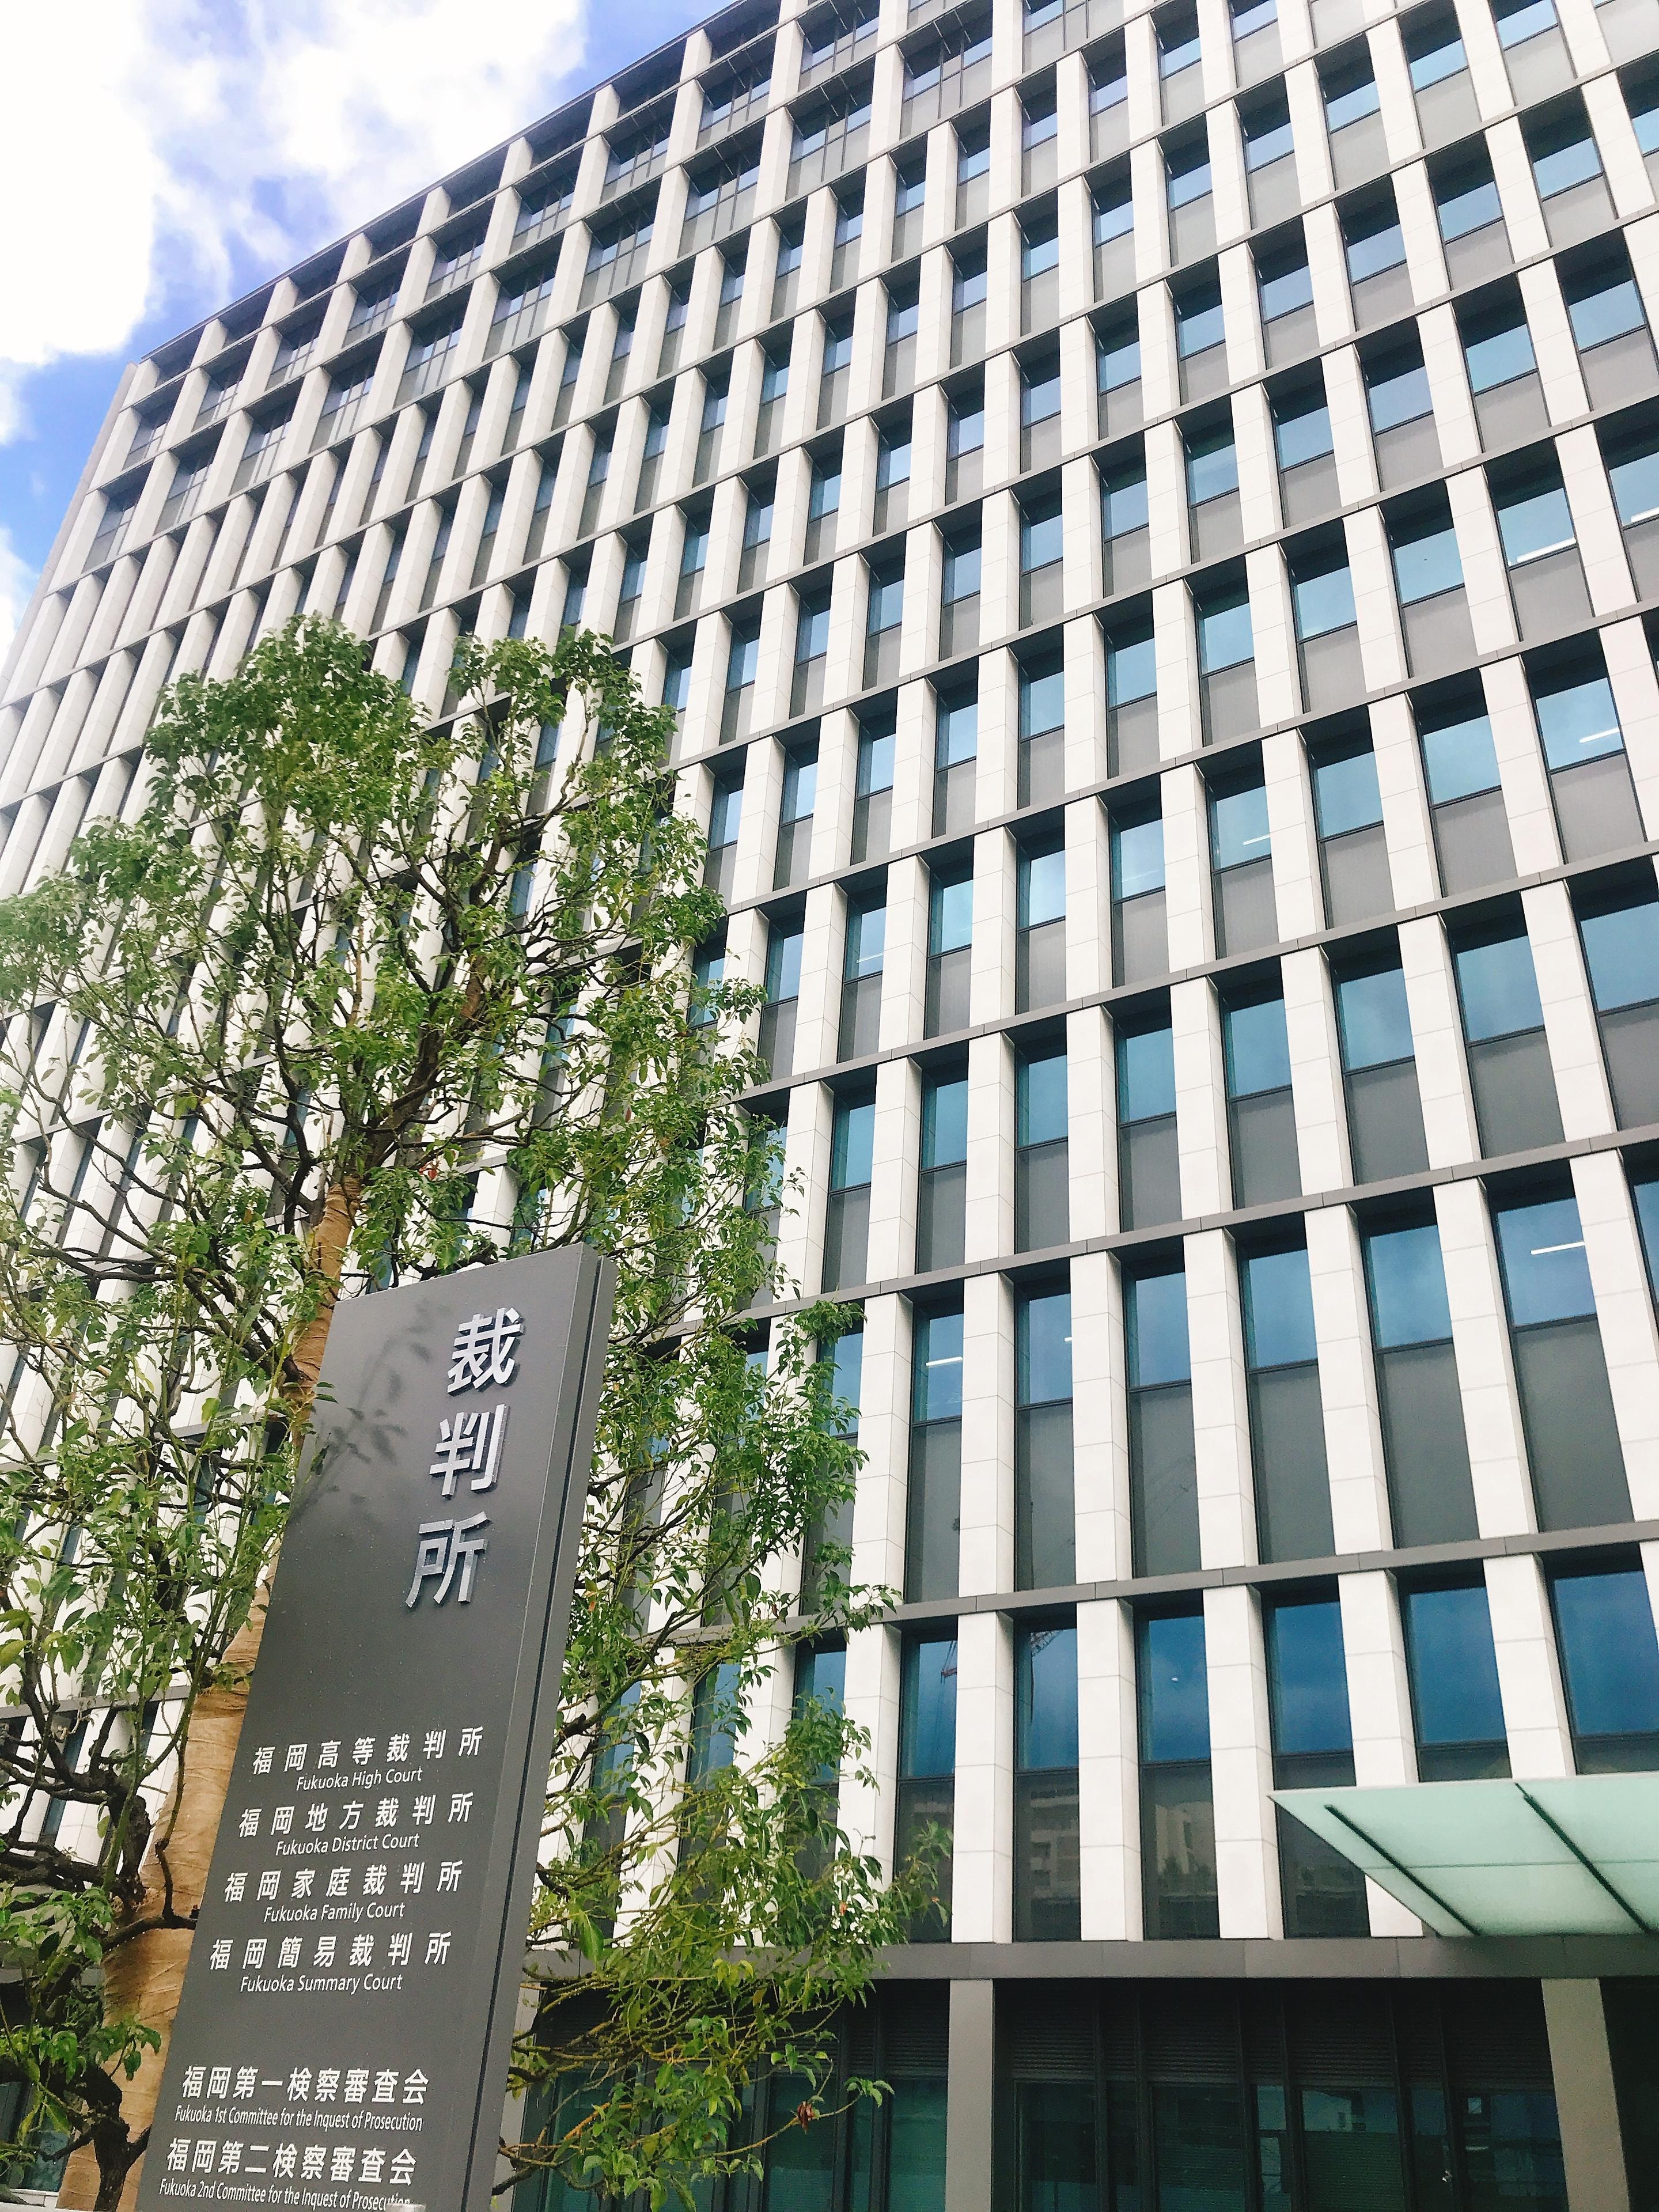 福岡 新庁舎 裁判所 弁護士